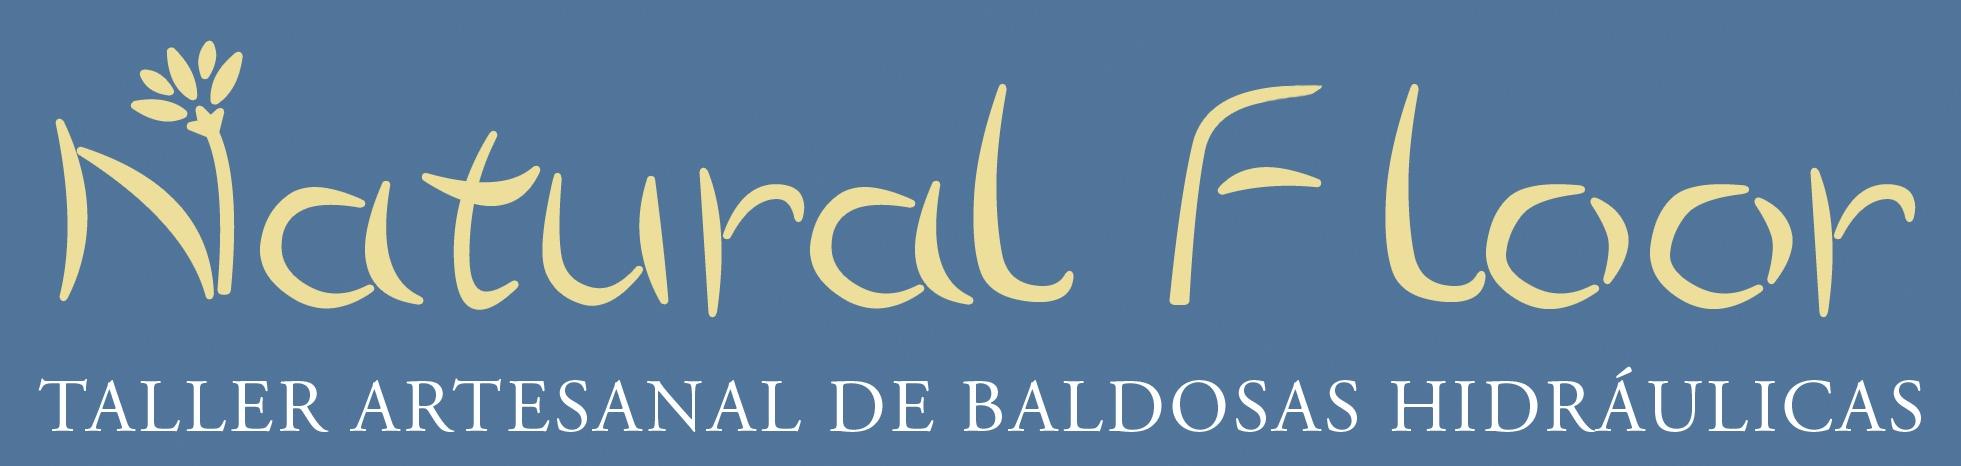 Logo NATURAL FLOOR Taller Artesanal de Baldosas Hidráulicas